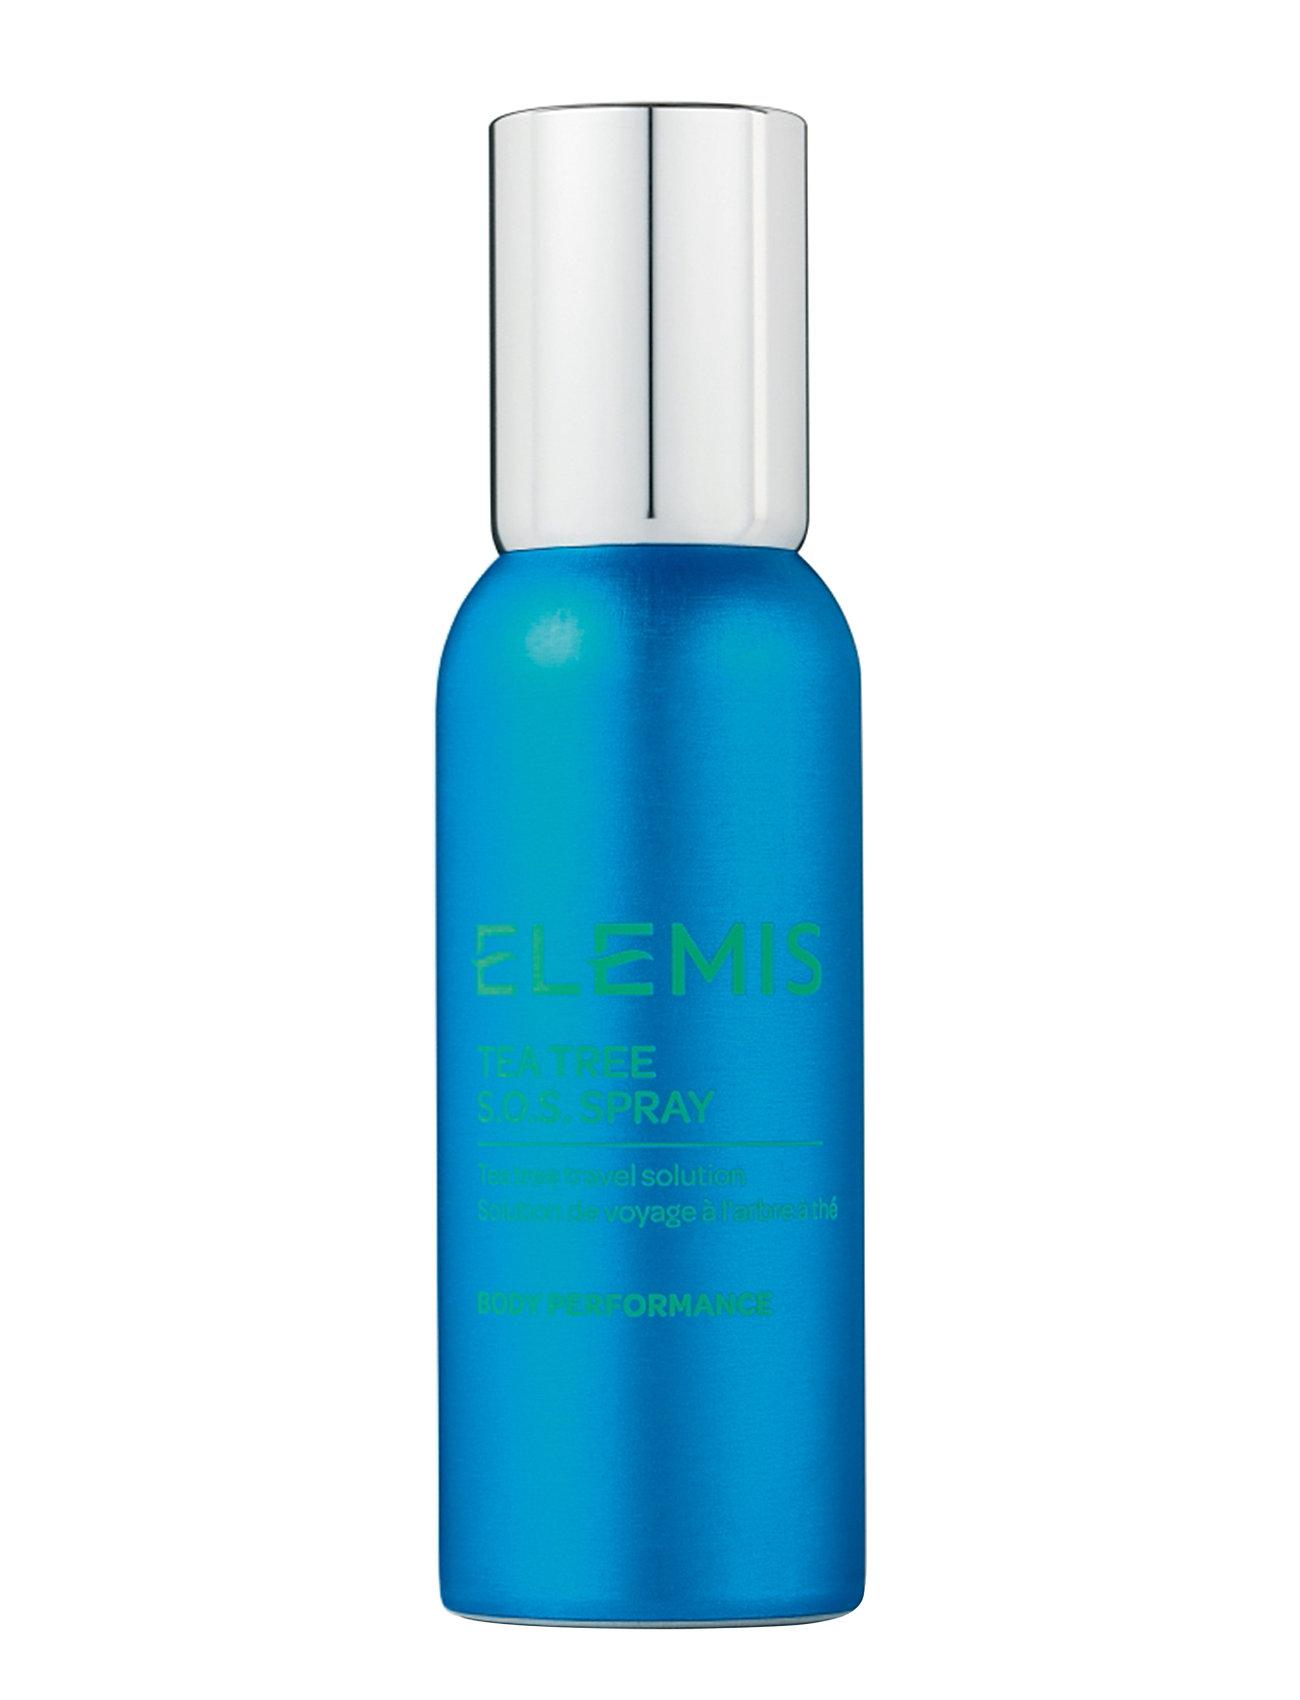 Image of Tea Tree S.O.S. Spray Beauty WOMEN Skin Care Face Face Mist Nude Elemis (3082511209)